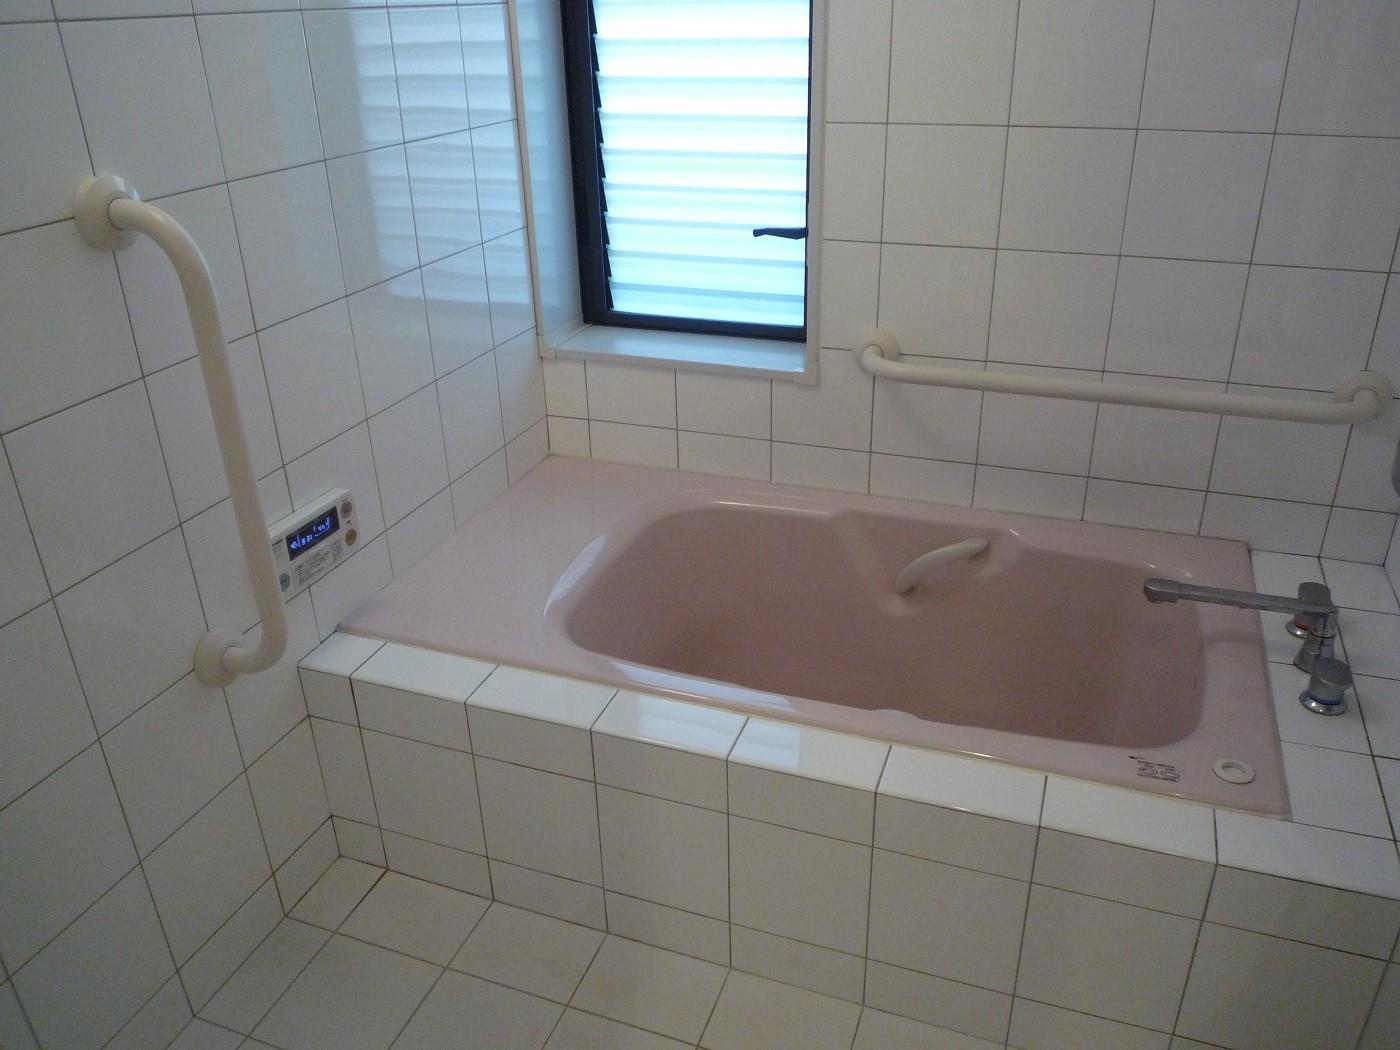 バス/トイレ事例:浴室:高齢者の方に優しい腰掛・手すりのある浴室(床暖房があるバリアフリー対策の平屋建て住宅|超高気密高断熱の住まい)